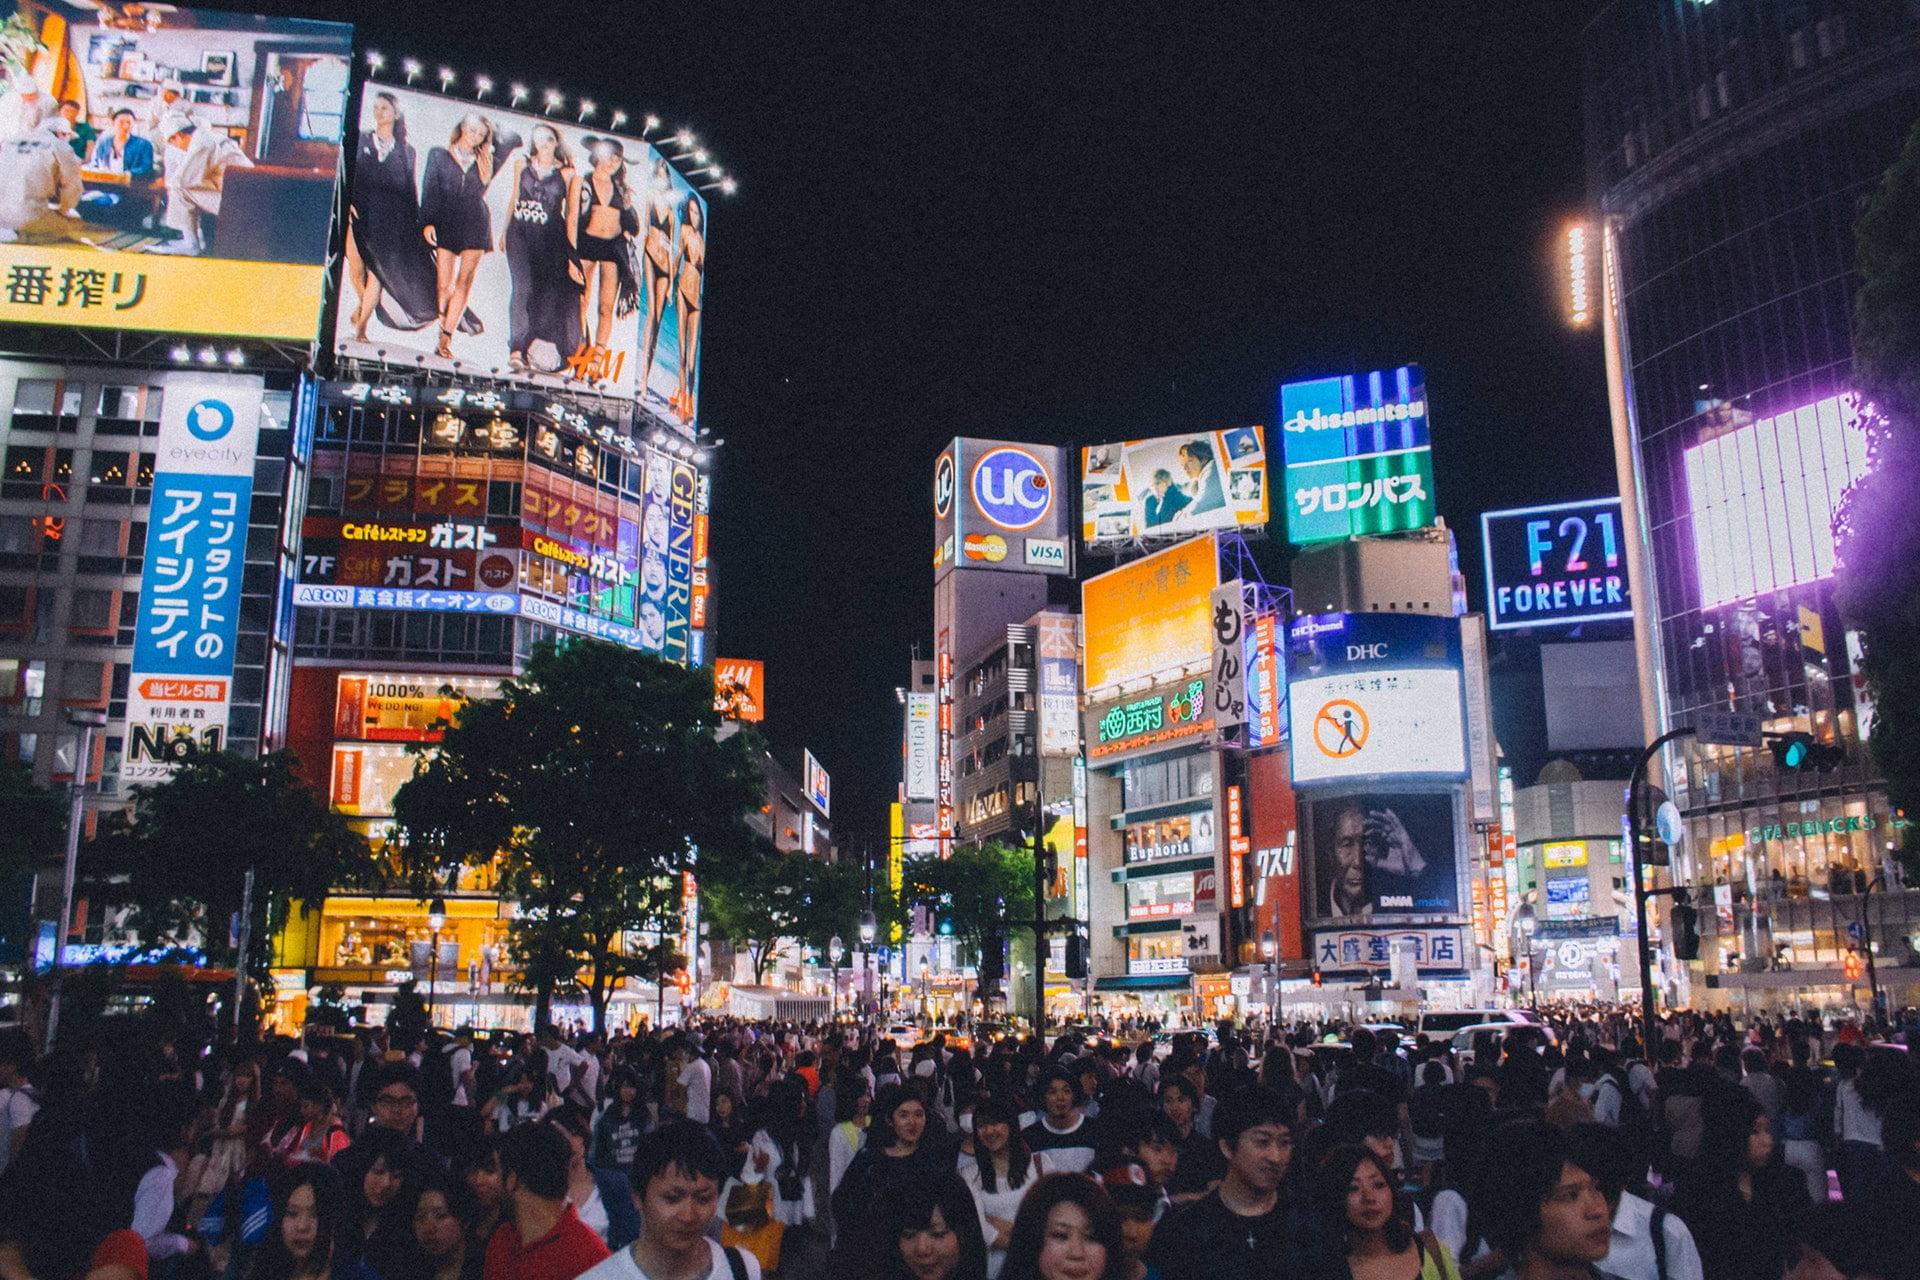 秋季旅展/日本、韓國上網卡好康優惠 每日網路最便宜22元起